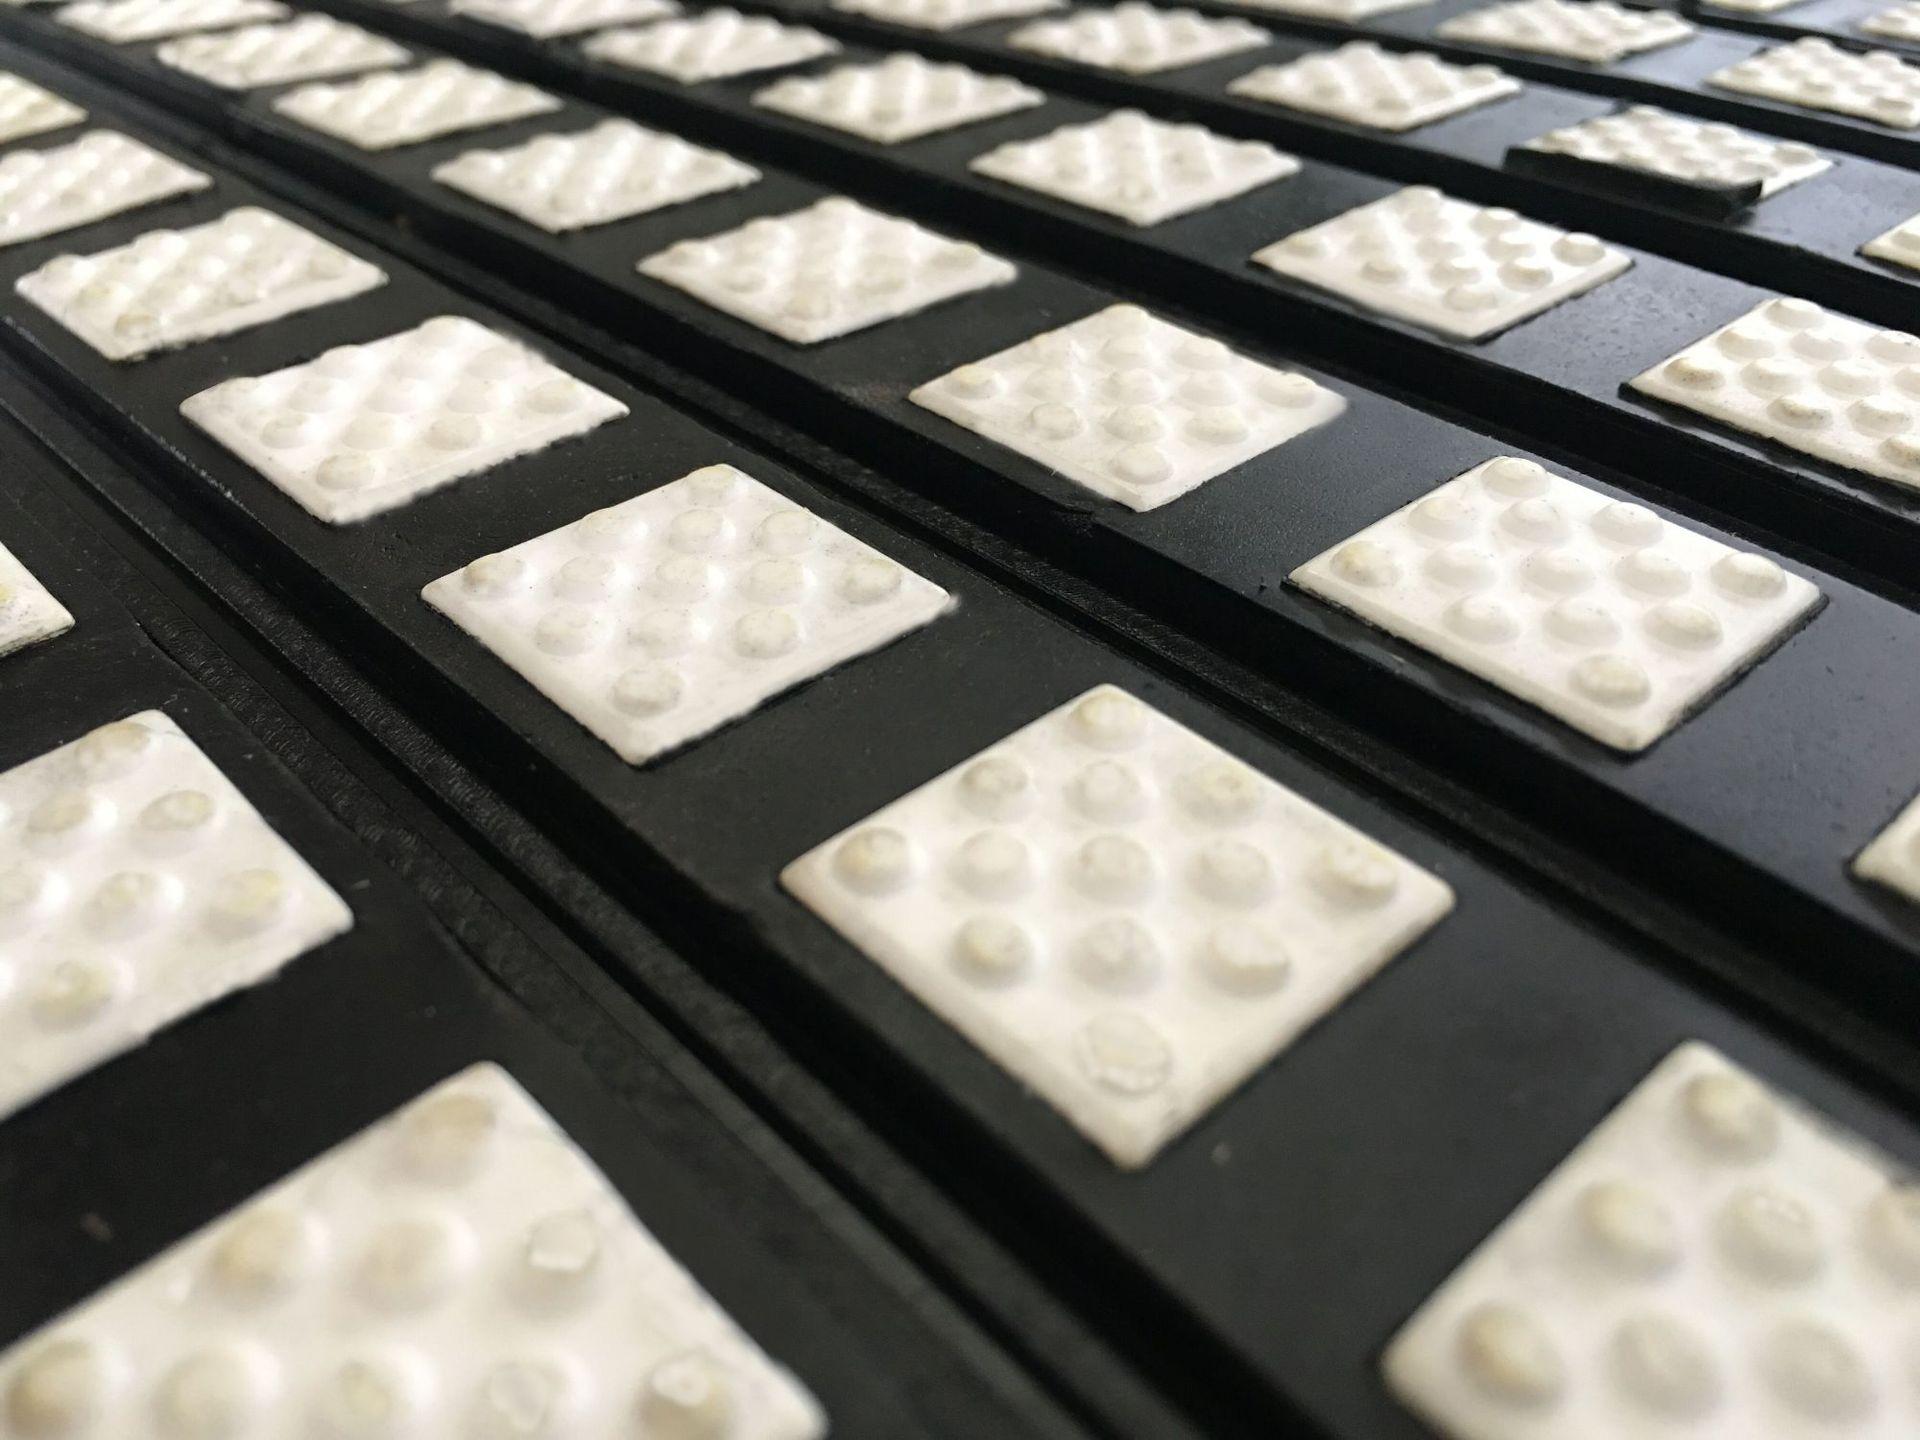 15mm陶瓷橡胶板  落料斗陶瓷橡胶复合橡胶板示例图7